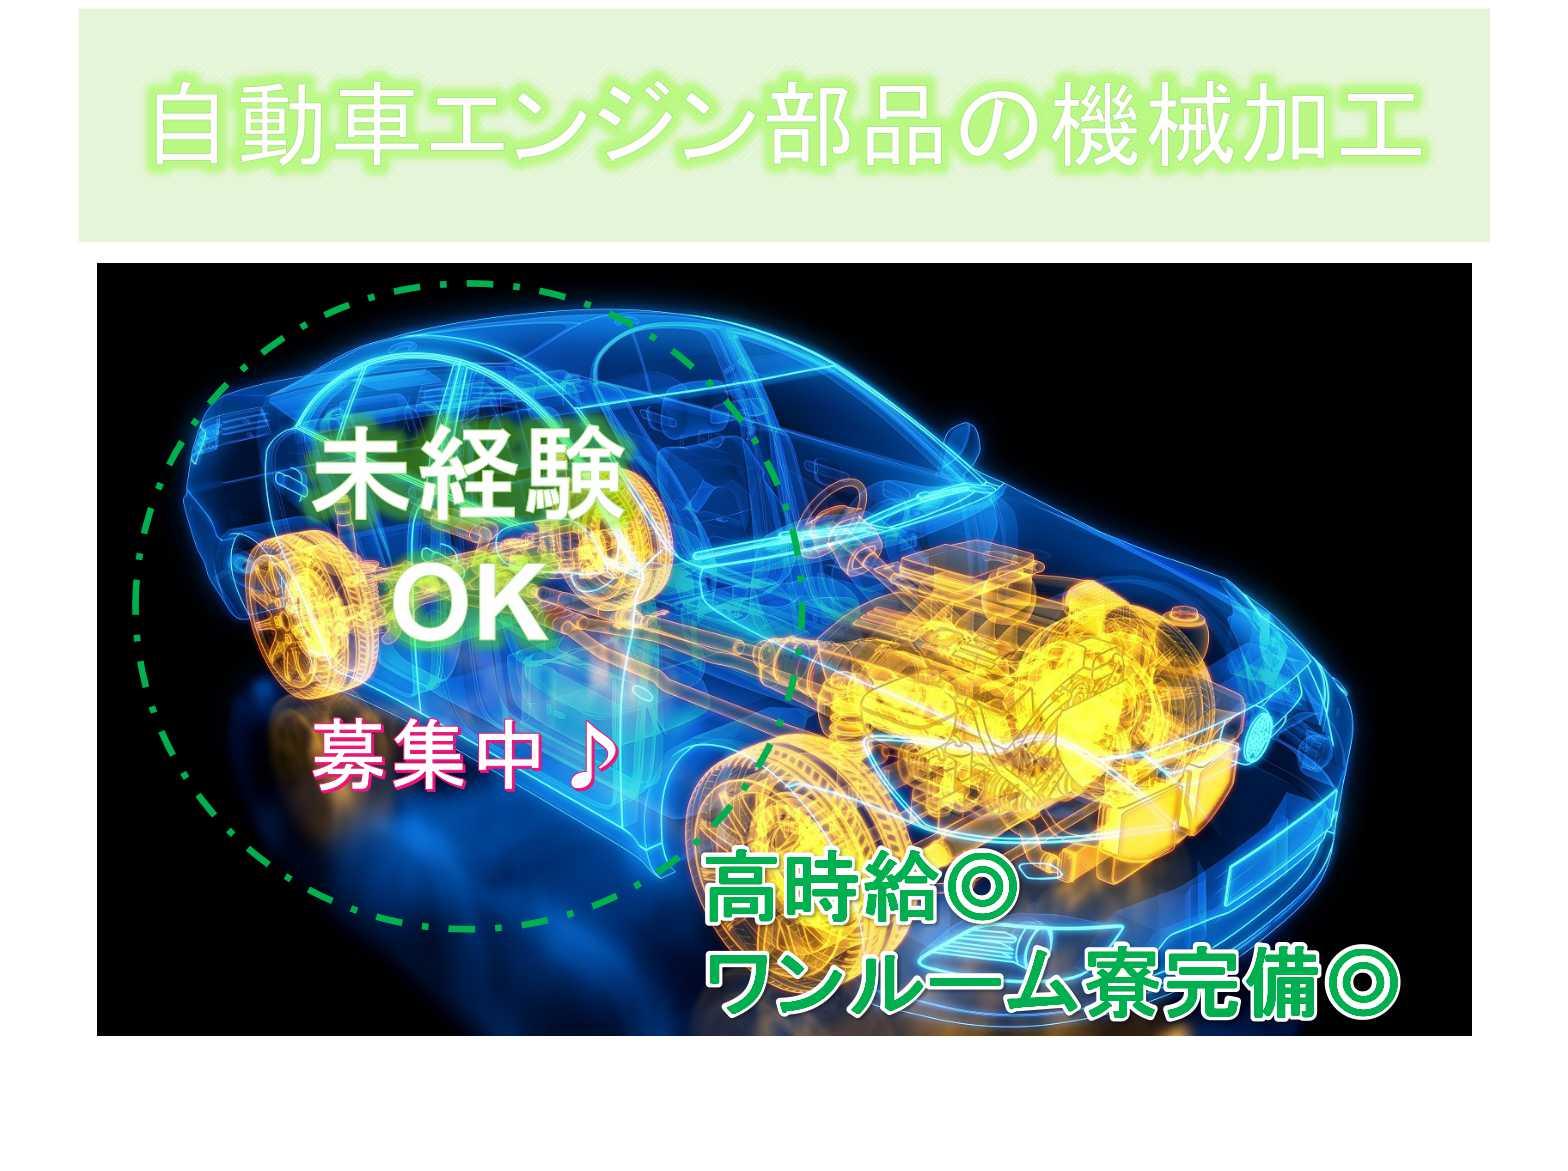 【新潟県柏崎市】◆未経験OK◆高時給◆自動車エンジン部品の機械加工◆募集中◆ イメージ